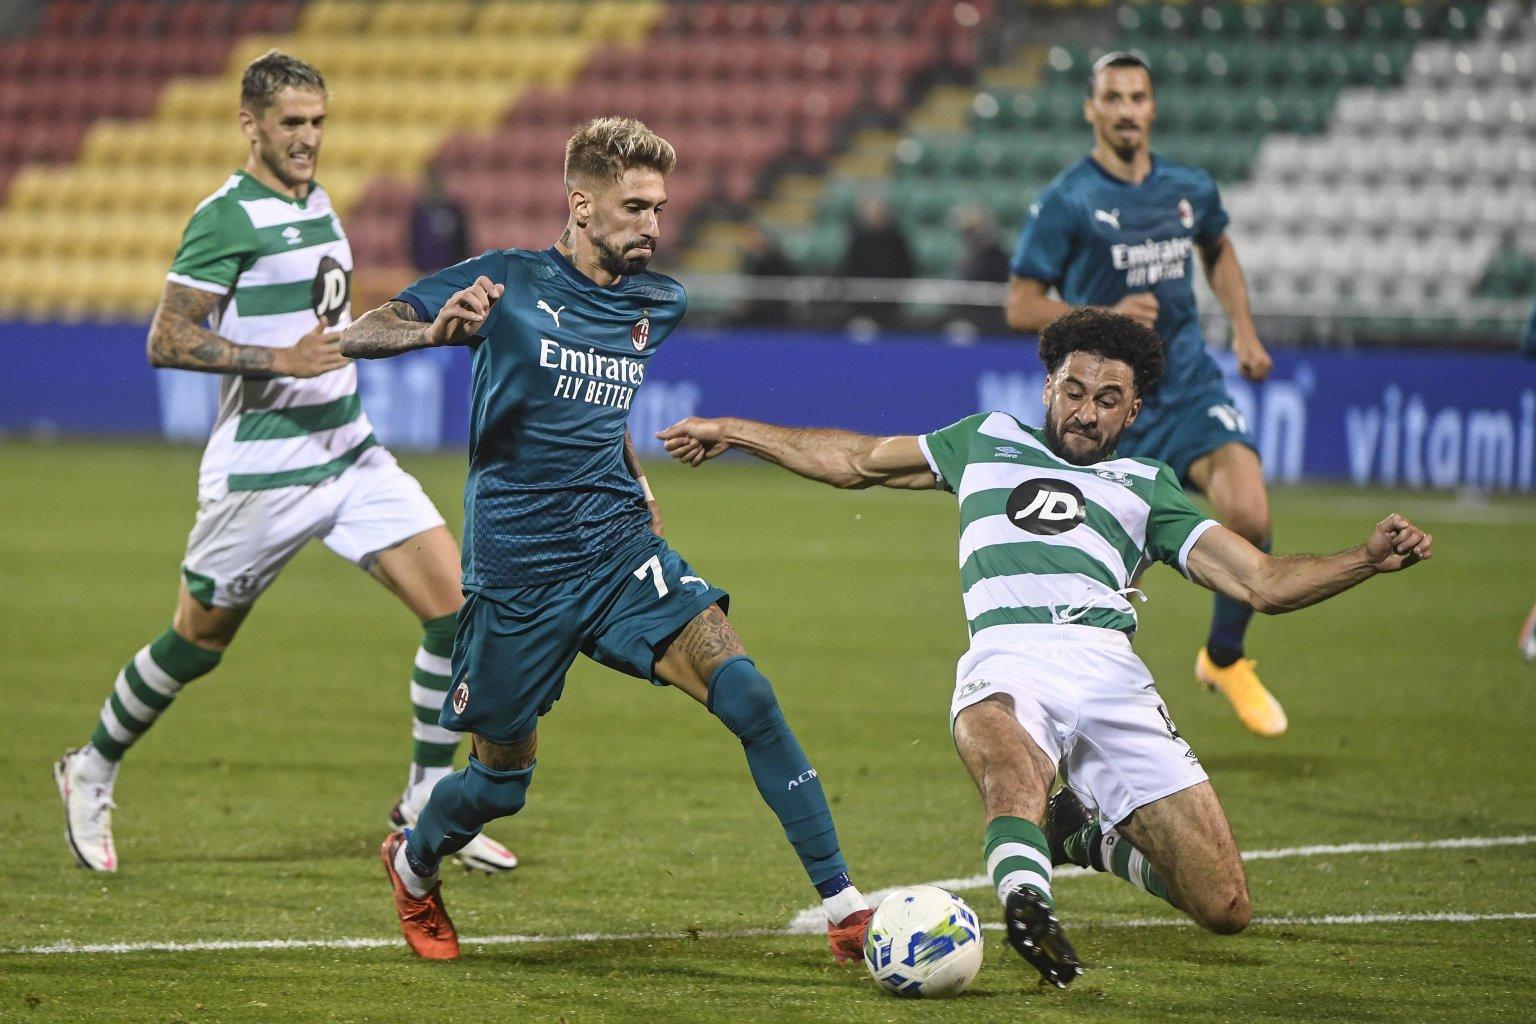 Europa League Terzo Preliminare, AC Milan v Bode-Glimt, Diretta DAZN